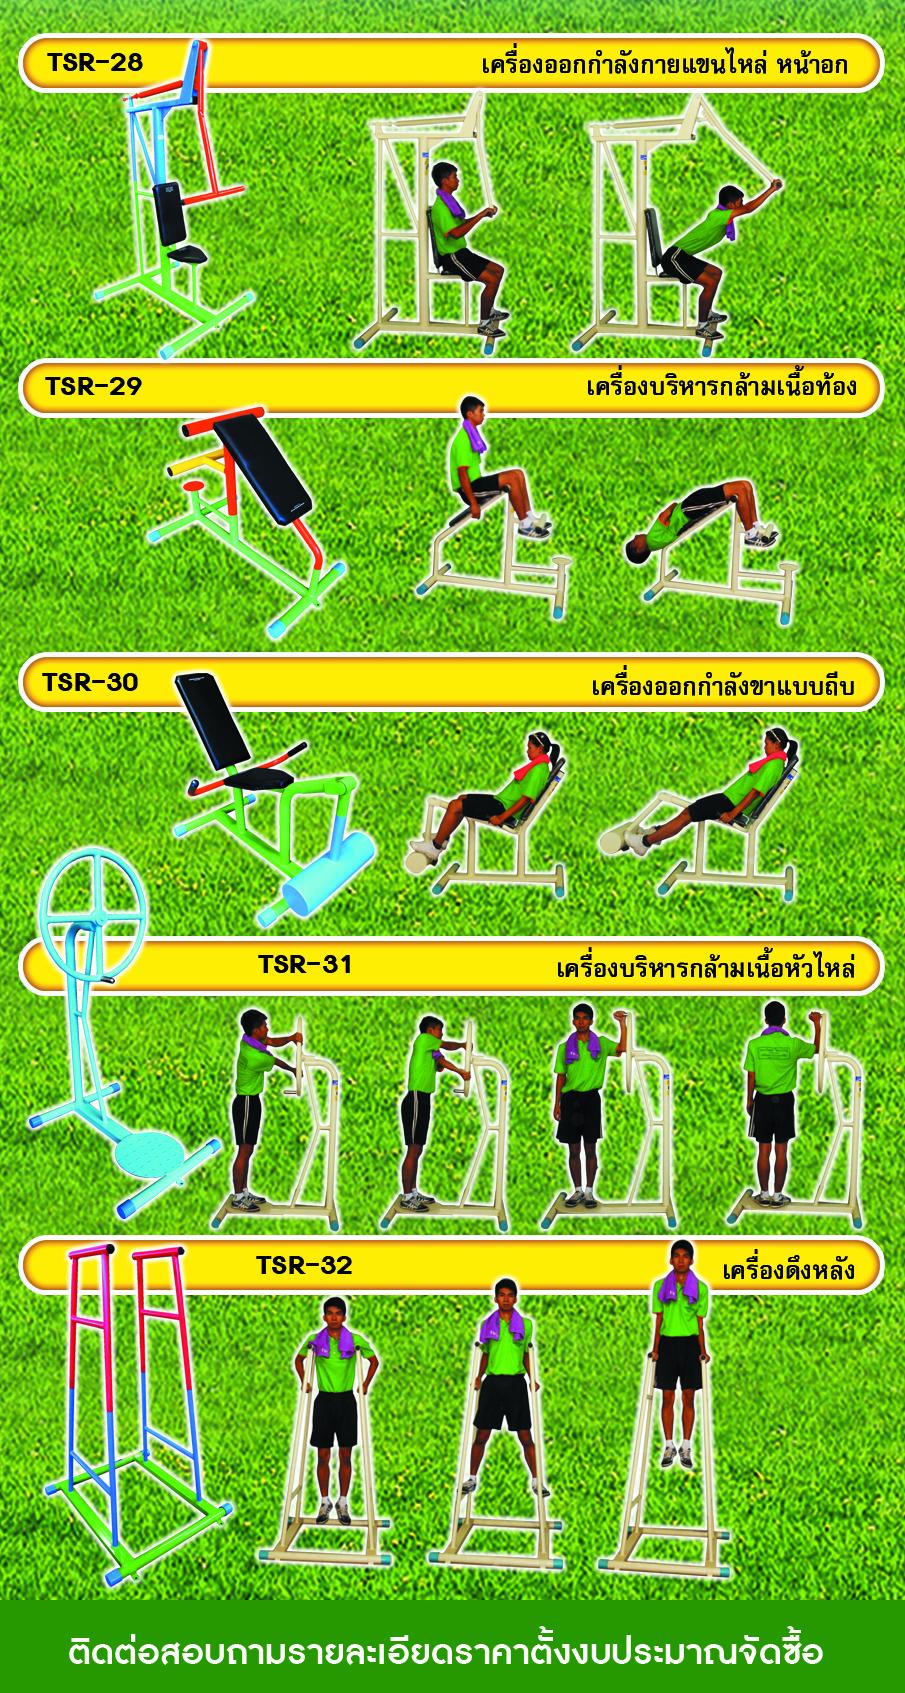 วิธีการเล่นเครื่องออกกำลังกาย-7